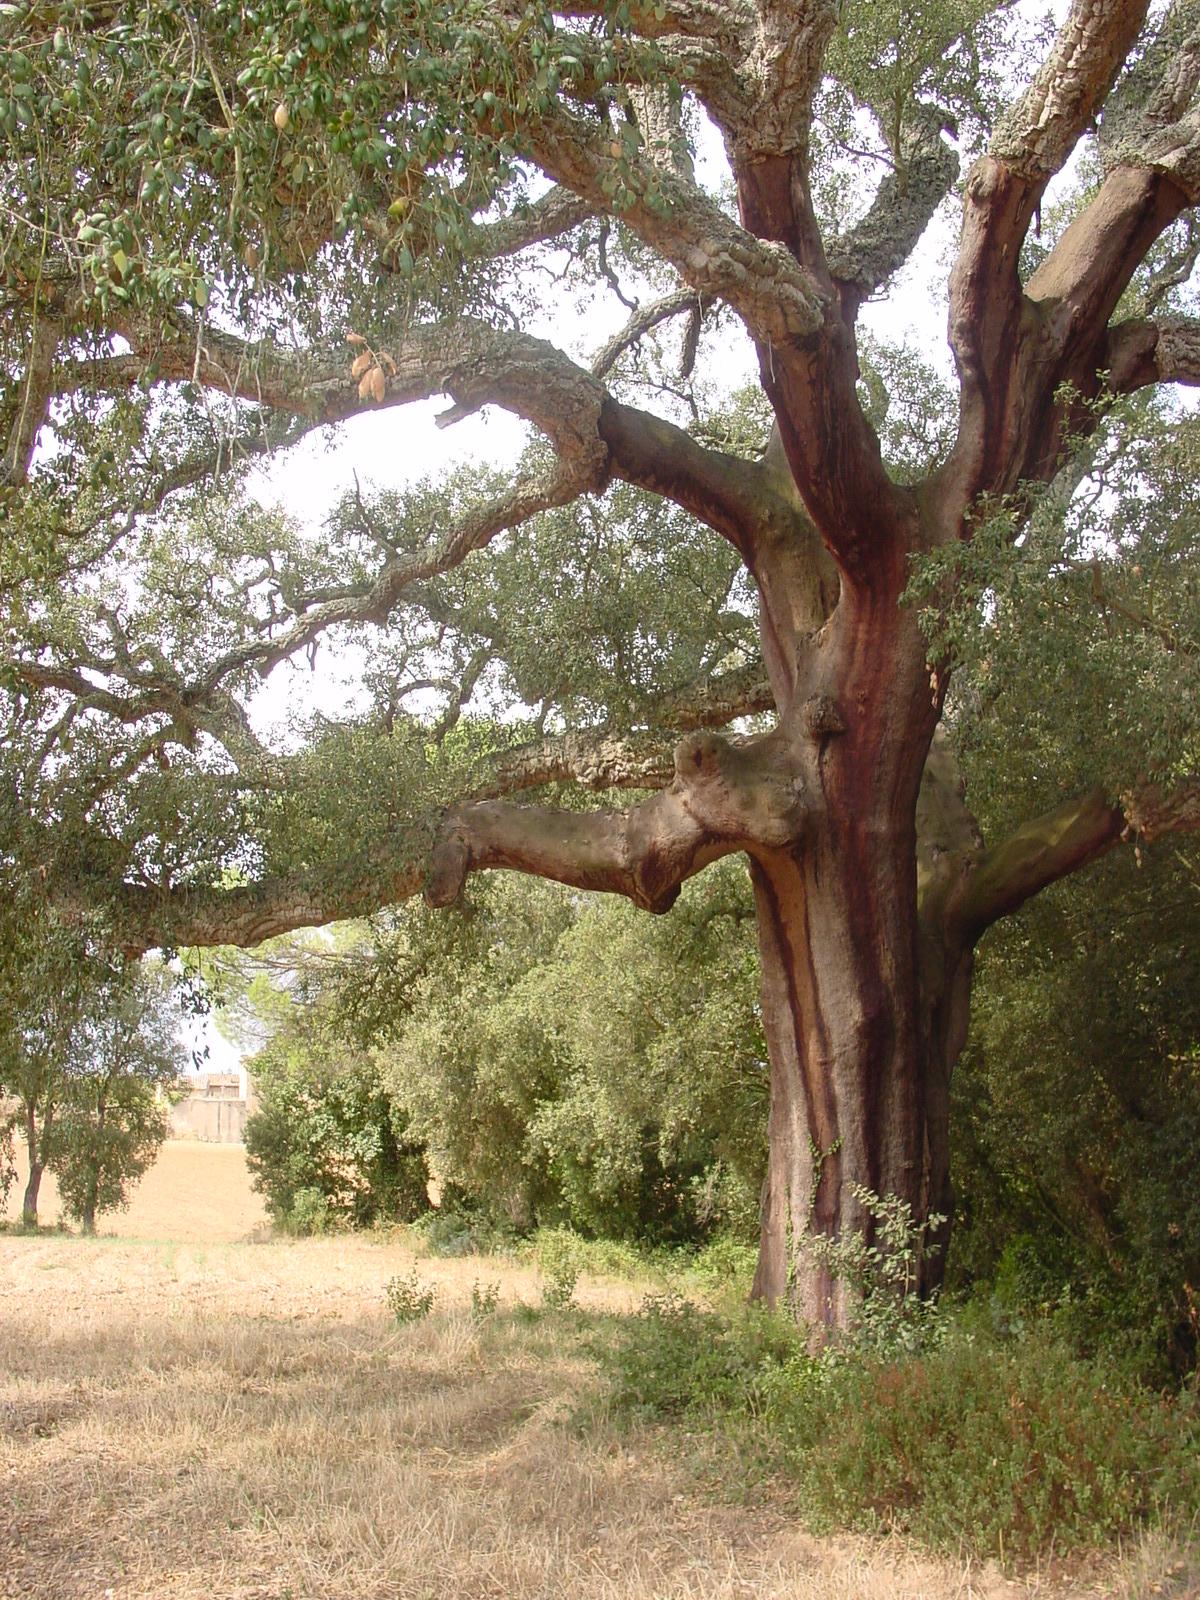 El suro de la imatge és un dels suros més grans de les Gavarres. Les seves dimensions han fet que els peladors hagin estirat la pela fins les seves branques. Normalment això només es produeix al tronc de l'arbre i aquí a les Gavarres no ho acostumem a veure.